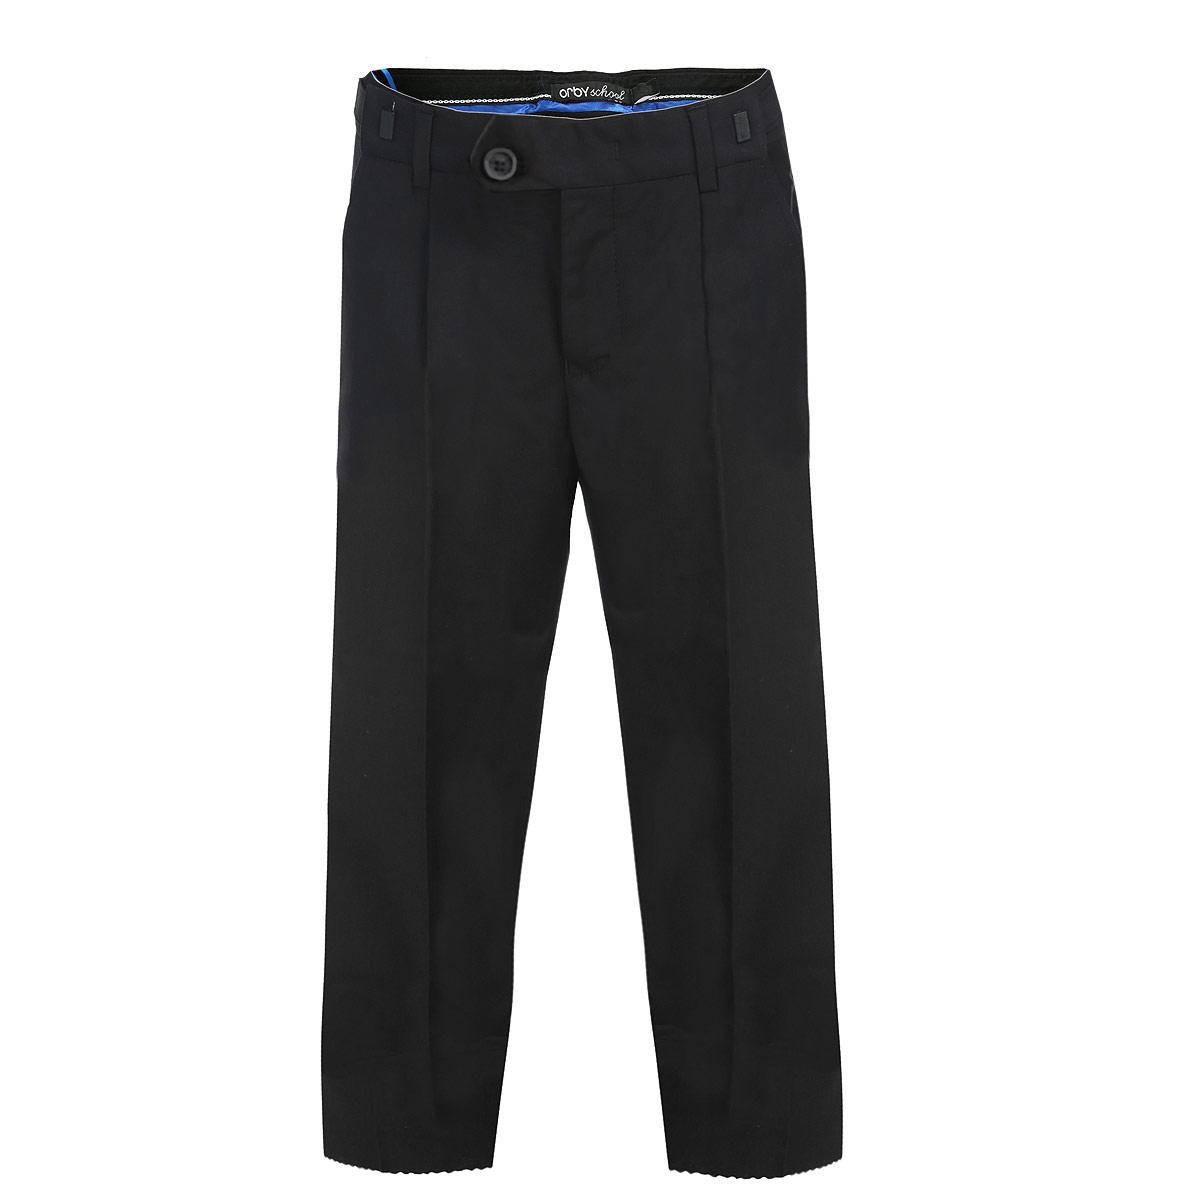 Брюки для мальчика Orby, цвет: черный. 63018_OLB_вар.3. Размер 146, 10-11 лет63018_OLB_вар.3Классические брюки для мальчика Orby School - основа повседневного школьного гардероба. Изготовленные из высококачественного костюмного полотна, они необычайно мягкие и приятные на ощупь, не сковывают движения и позволяют коже дышать, не раздражают даже самую нежную и чувствительную кожу ребенка, обеспечивая ему наибольший комфорт. Брюки прямого покроя с заутюженными стрелками на талии застегиваются на пластиковую пуговицу и на металлический крючок, а также имеют ширинку на застежке-молнии и шлевки для ремня. Плавающая регулировка в поясе брюк (хлястиками на зажимах) обеспечивает комфортную посадку и регулирует полноту до 4 см. Спереди брюки дополнены двумя втачными карманами с косыми краями.Эта универсальная модель, подходящая под различные варианты пиджаков, джемперов и водолазок.